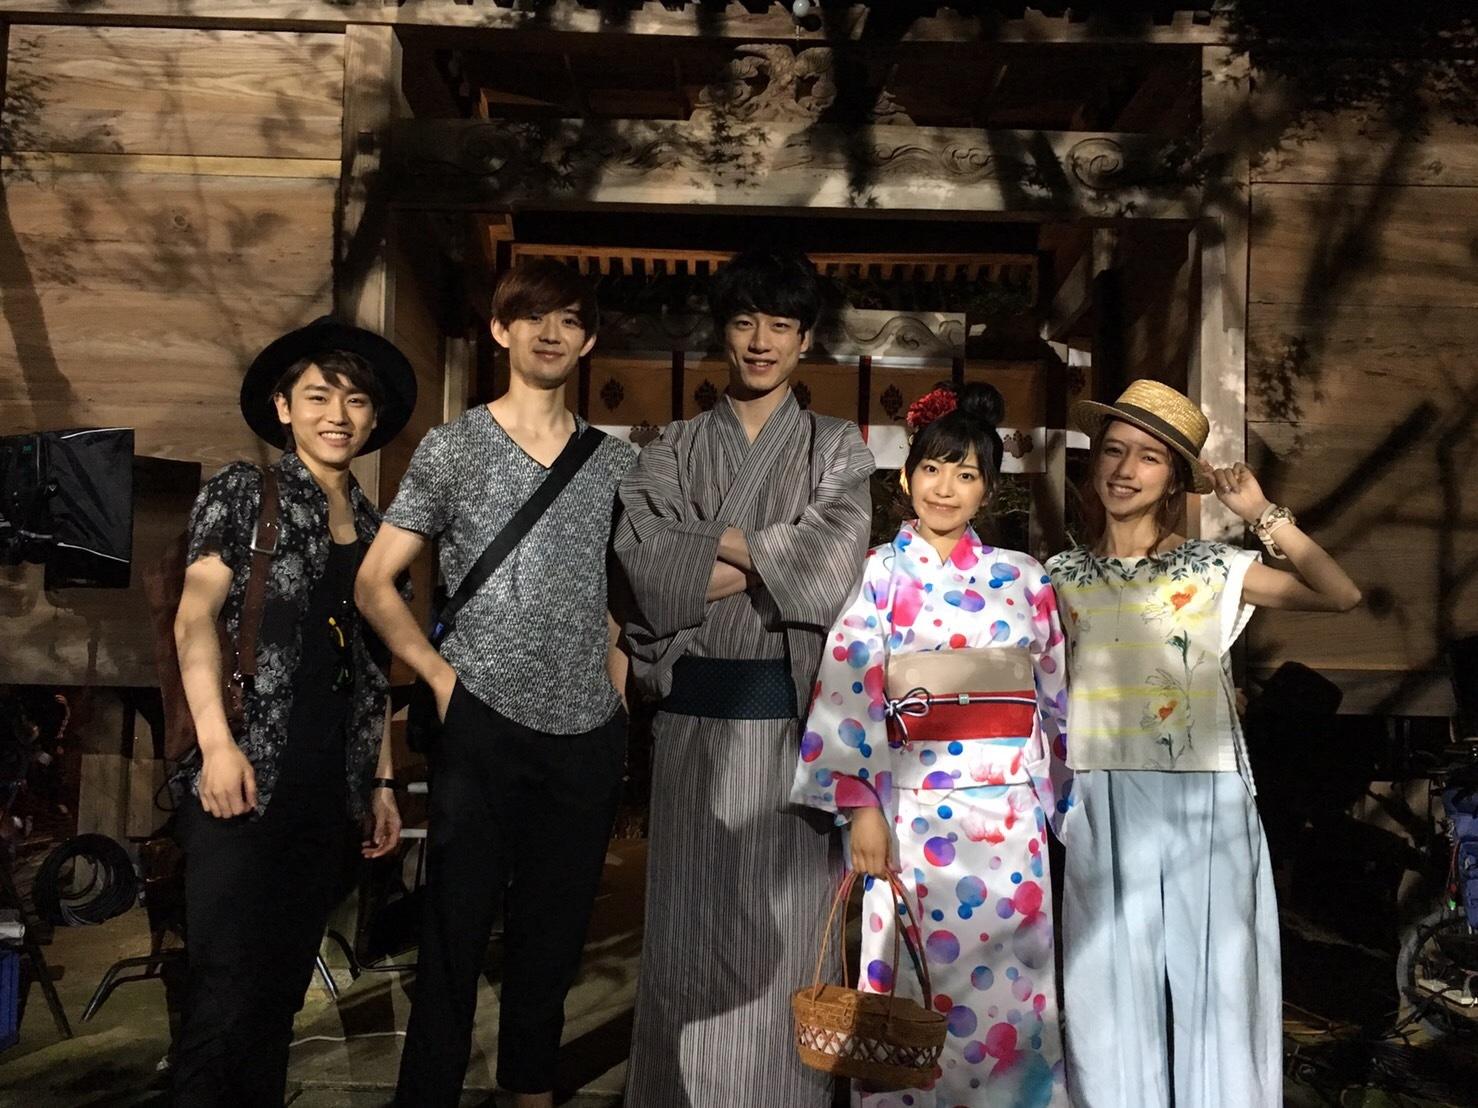 左から、泉澤祐希、竜星涼、坂口健太郎、miwa、真野恵里菜